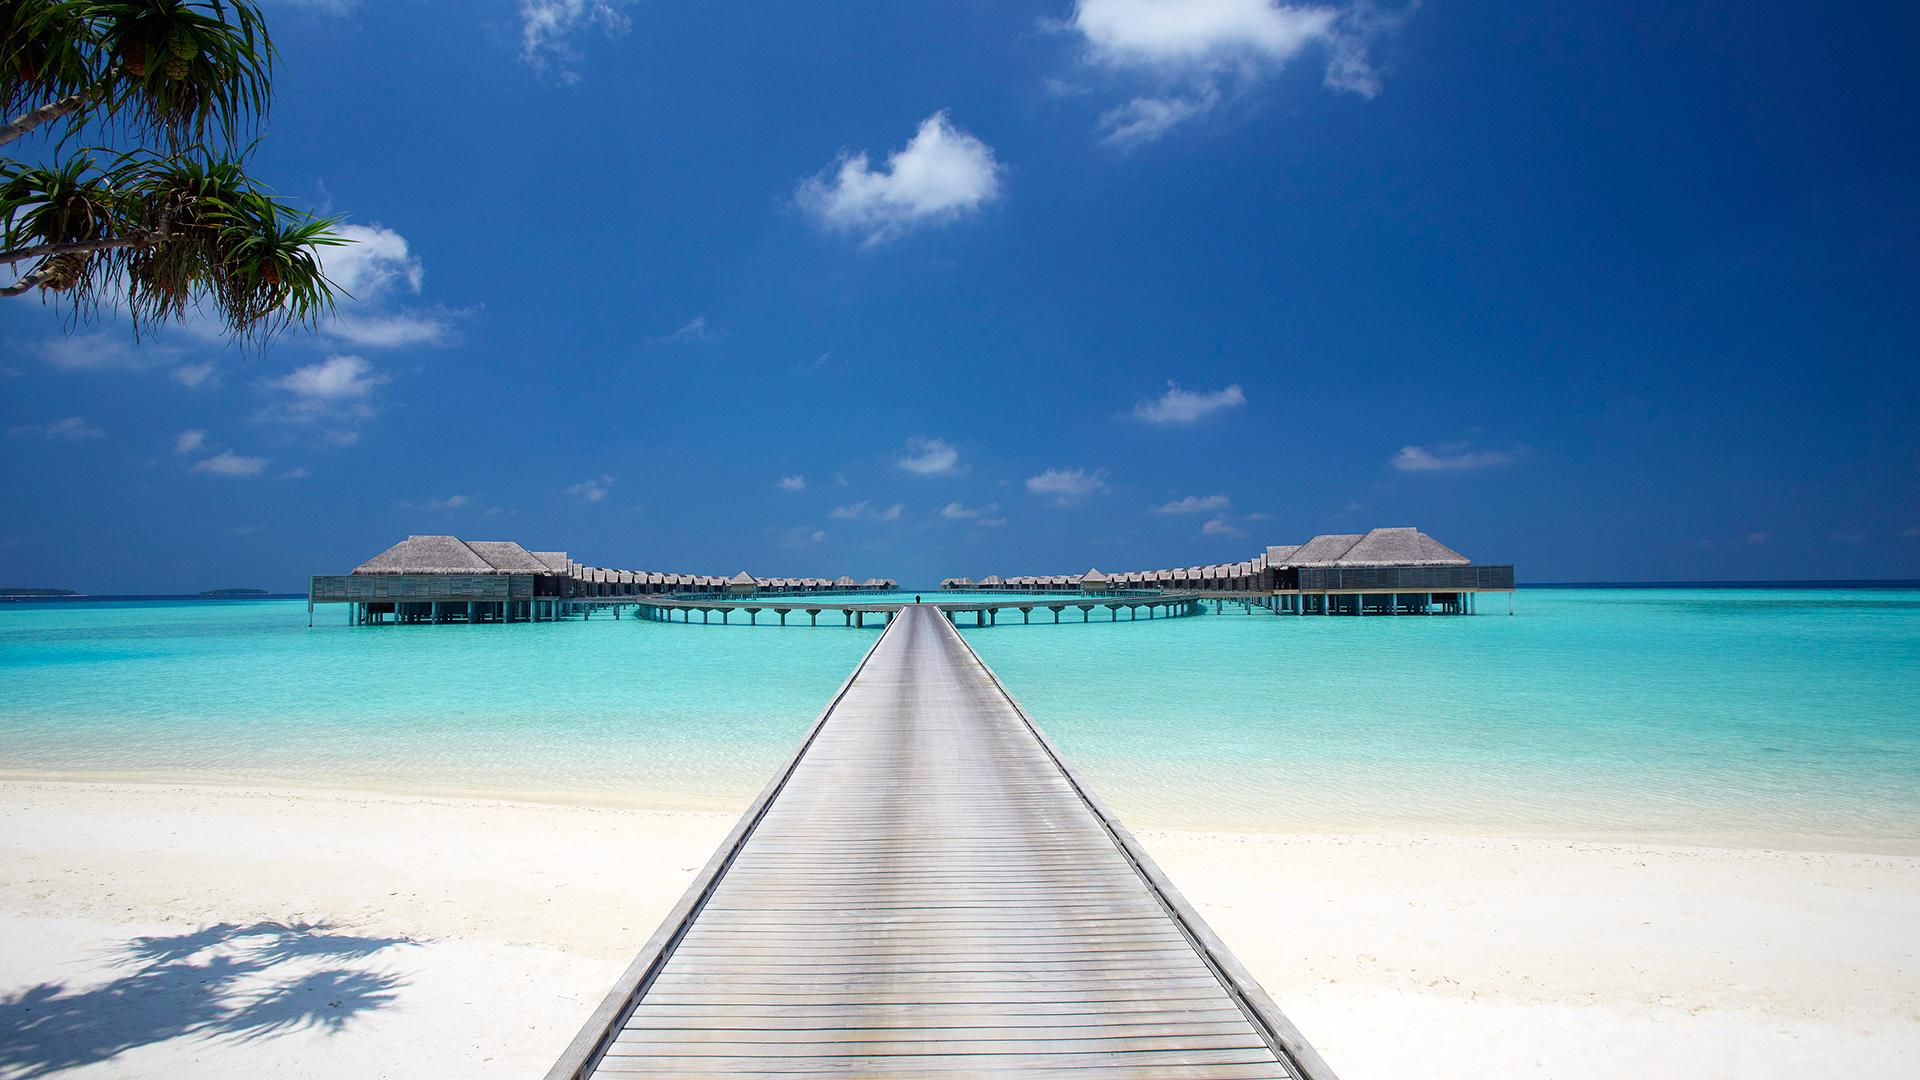 Island_Anantara Kihavah